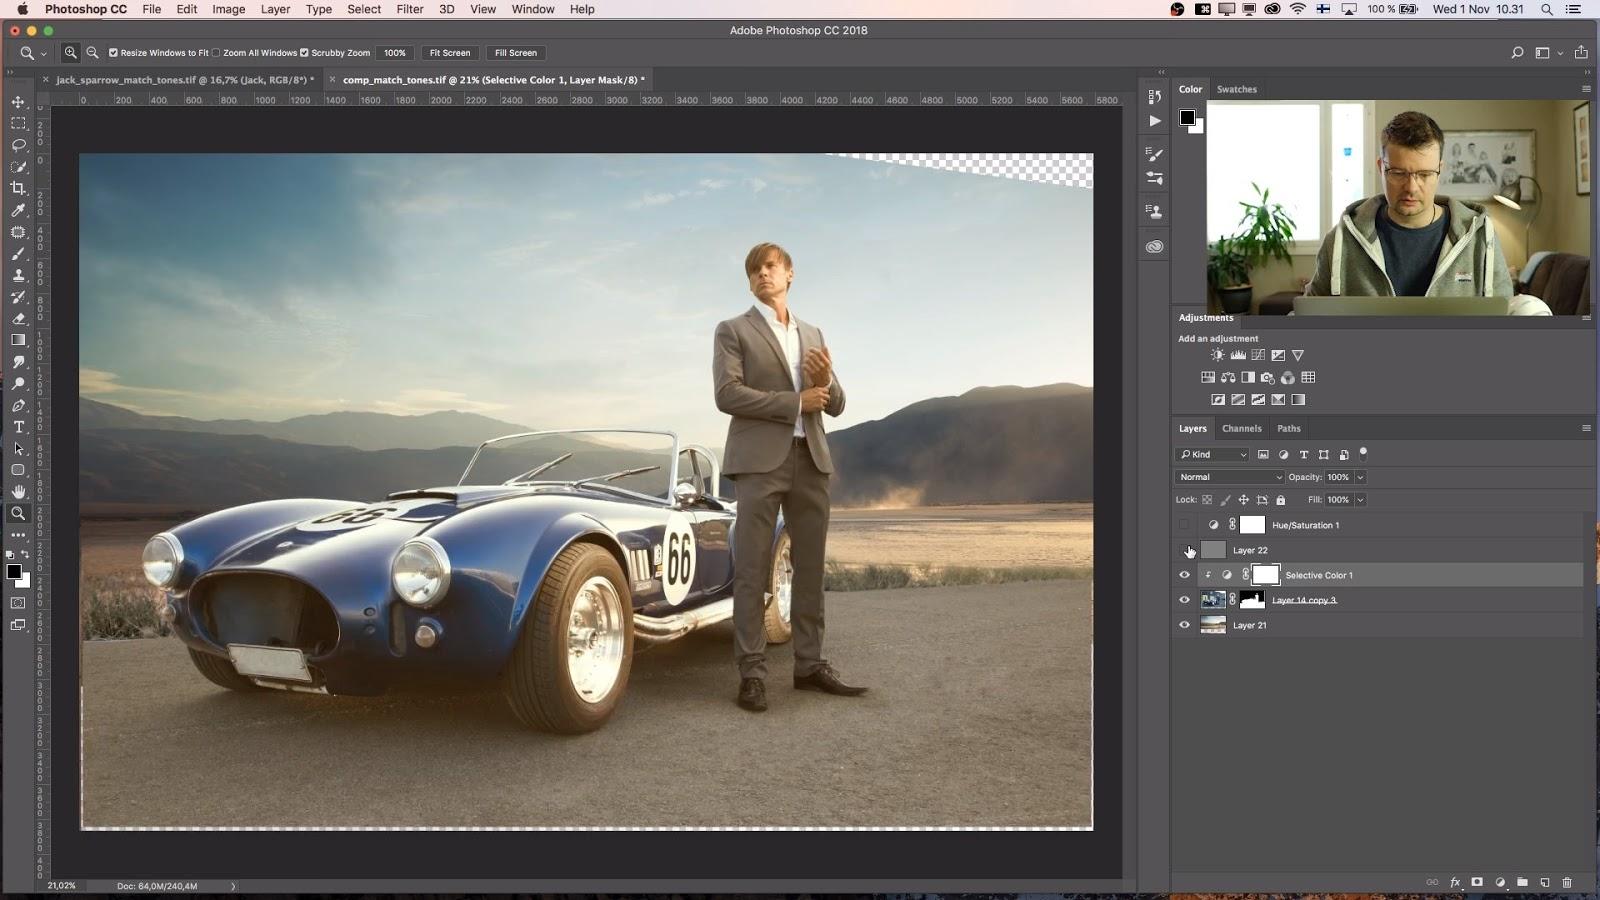 Best composite image technique to match tones